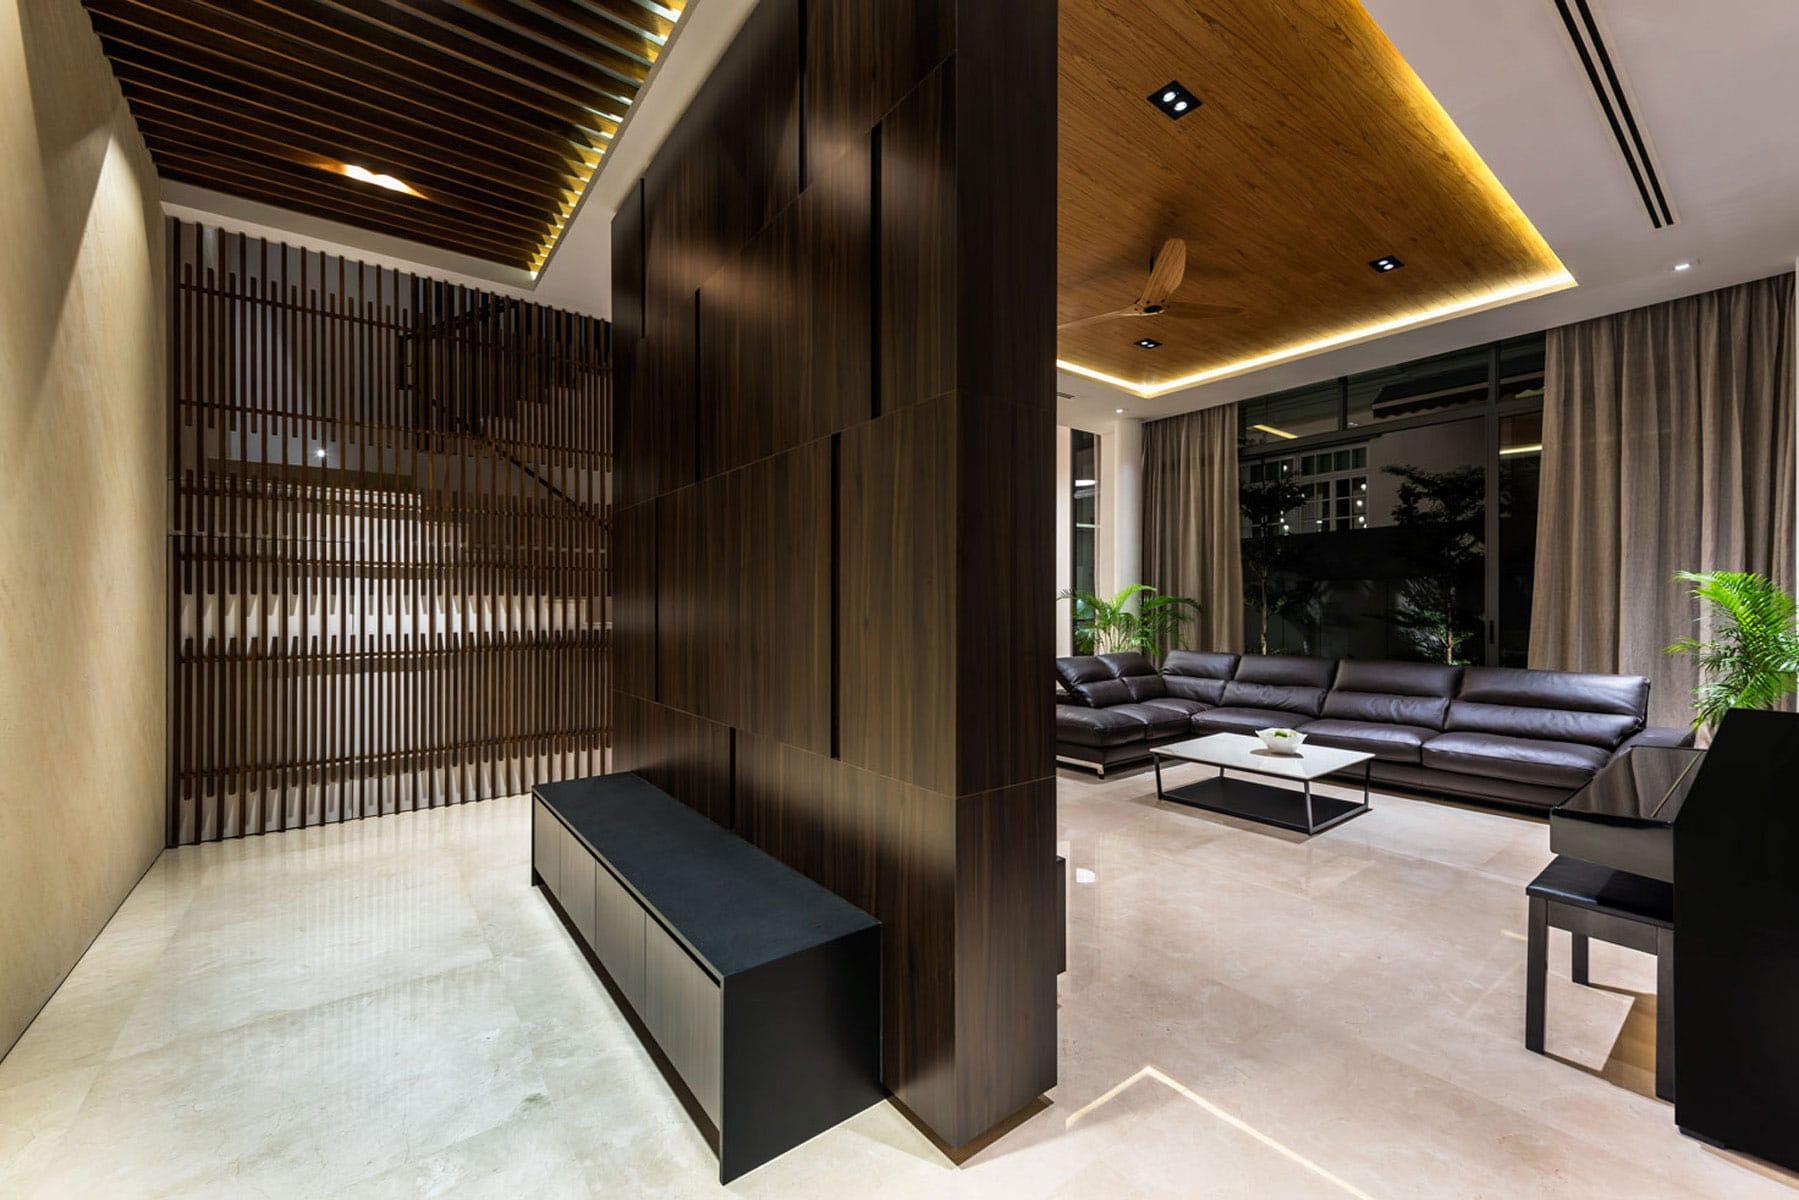 Dise o casa moderna tres pisos for Diseno interior moderno